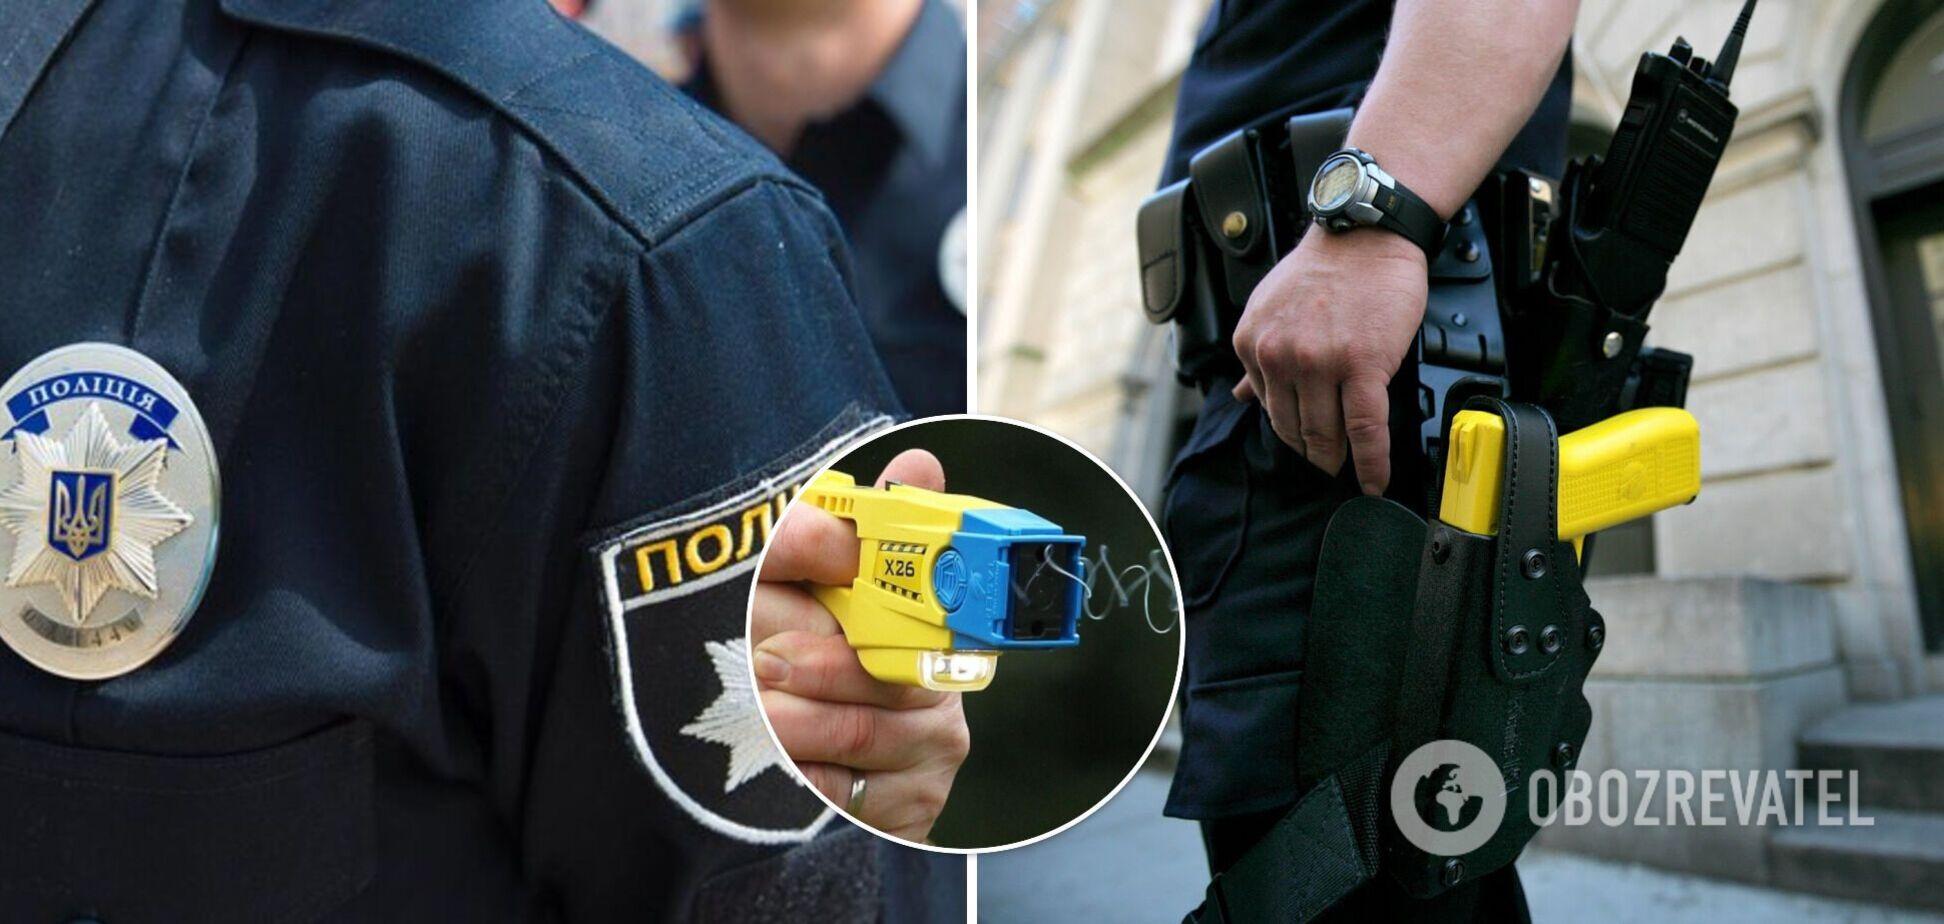 Полиции не разрешили использовать электрошокеры: что отпугнуло депутатов и почему Украине нужен этот закон